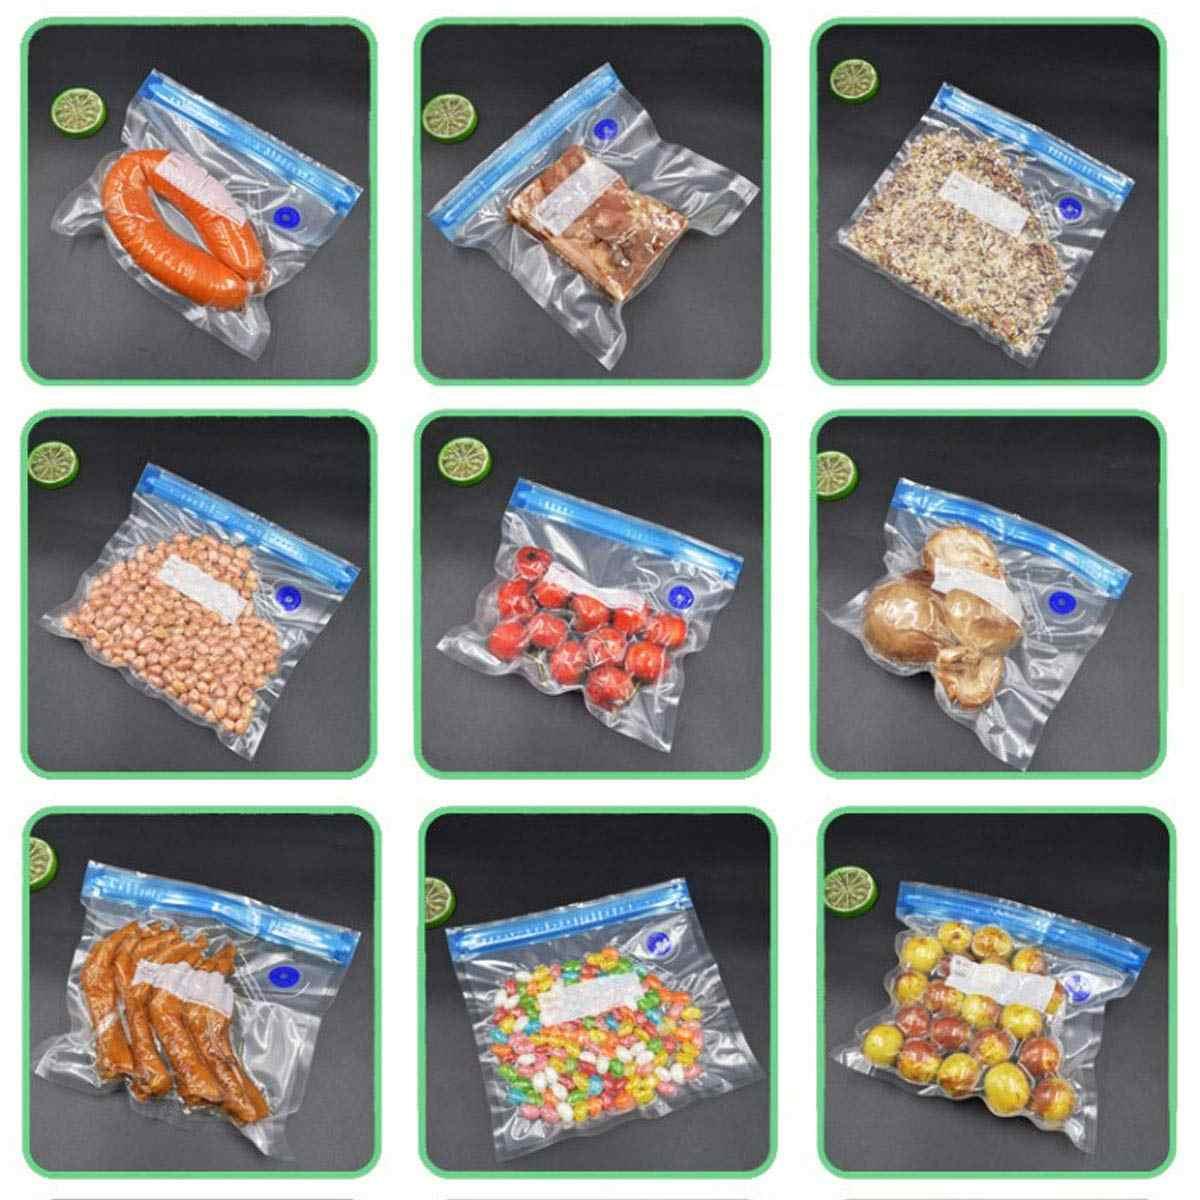 De vacío de almacenamiento de alimentos bolsas de almacenamiento 10 piezas 3 tamaños de la bomba de mano de reutilizable Ultra grueso libre de BPA comida de la conservación de alimentos 2019 Dropshipping. Exclusivo.